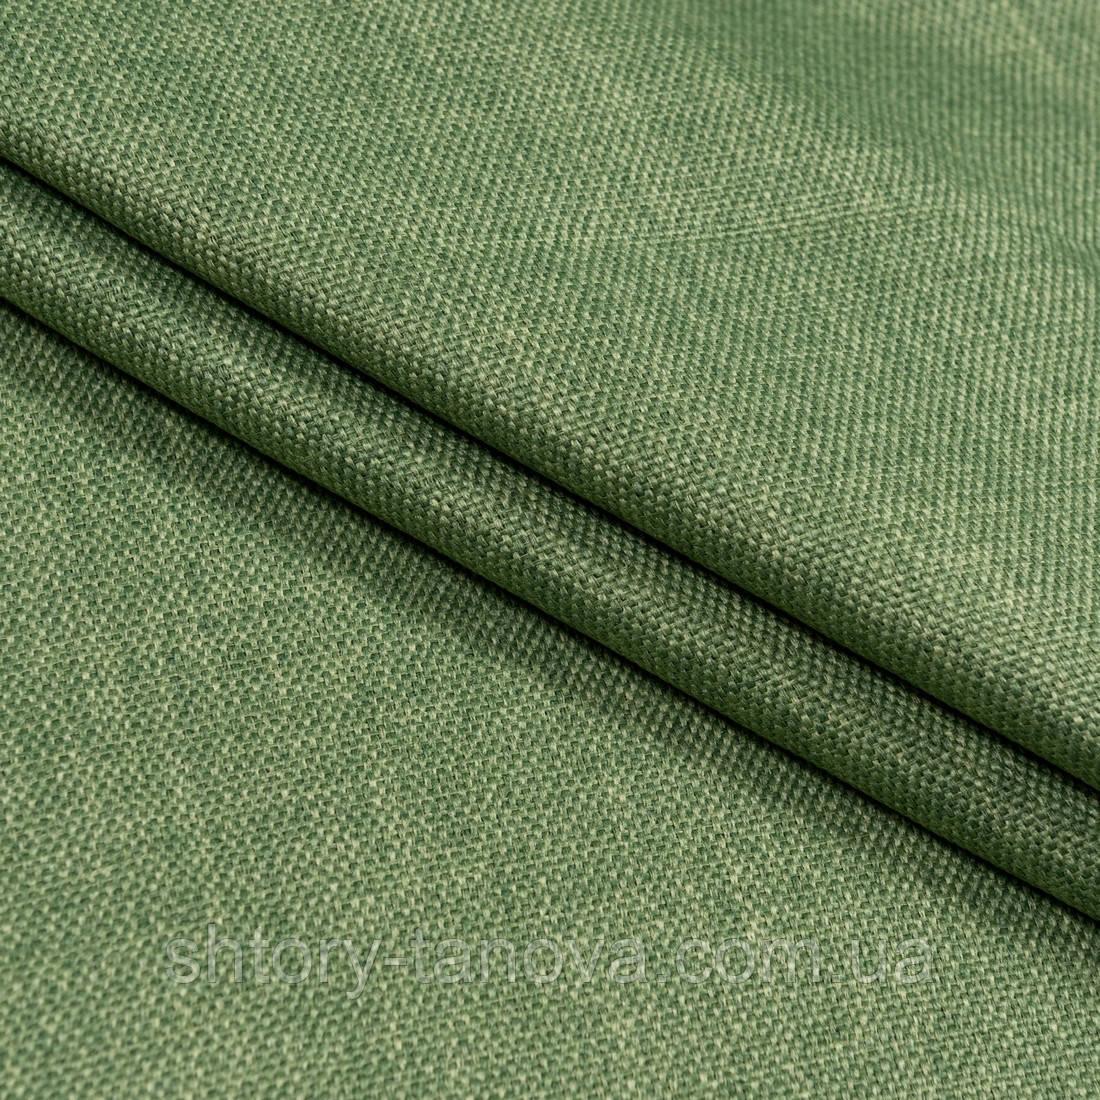 Тканина блекаут від сонця в спальню, дитячу, зал, матеріал на римські штори blackout 2,8 м зелений